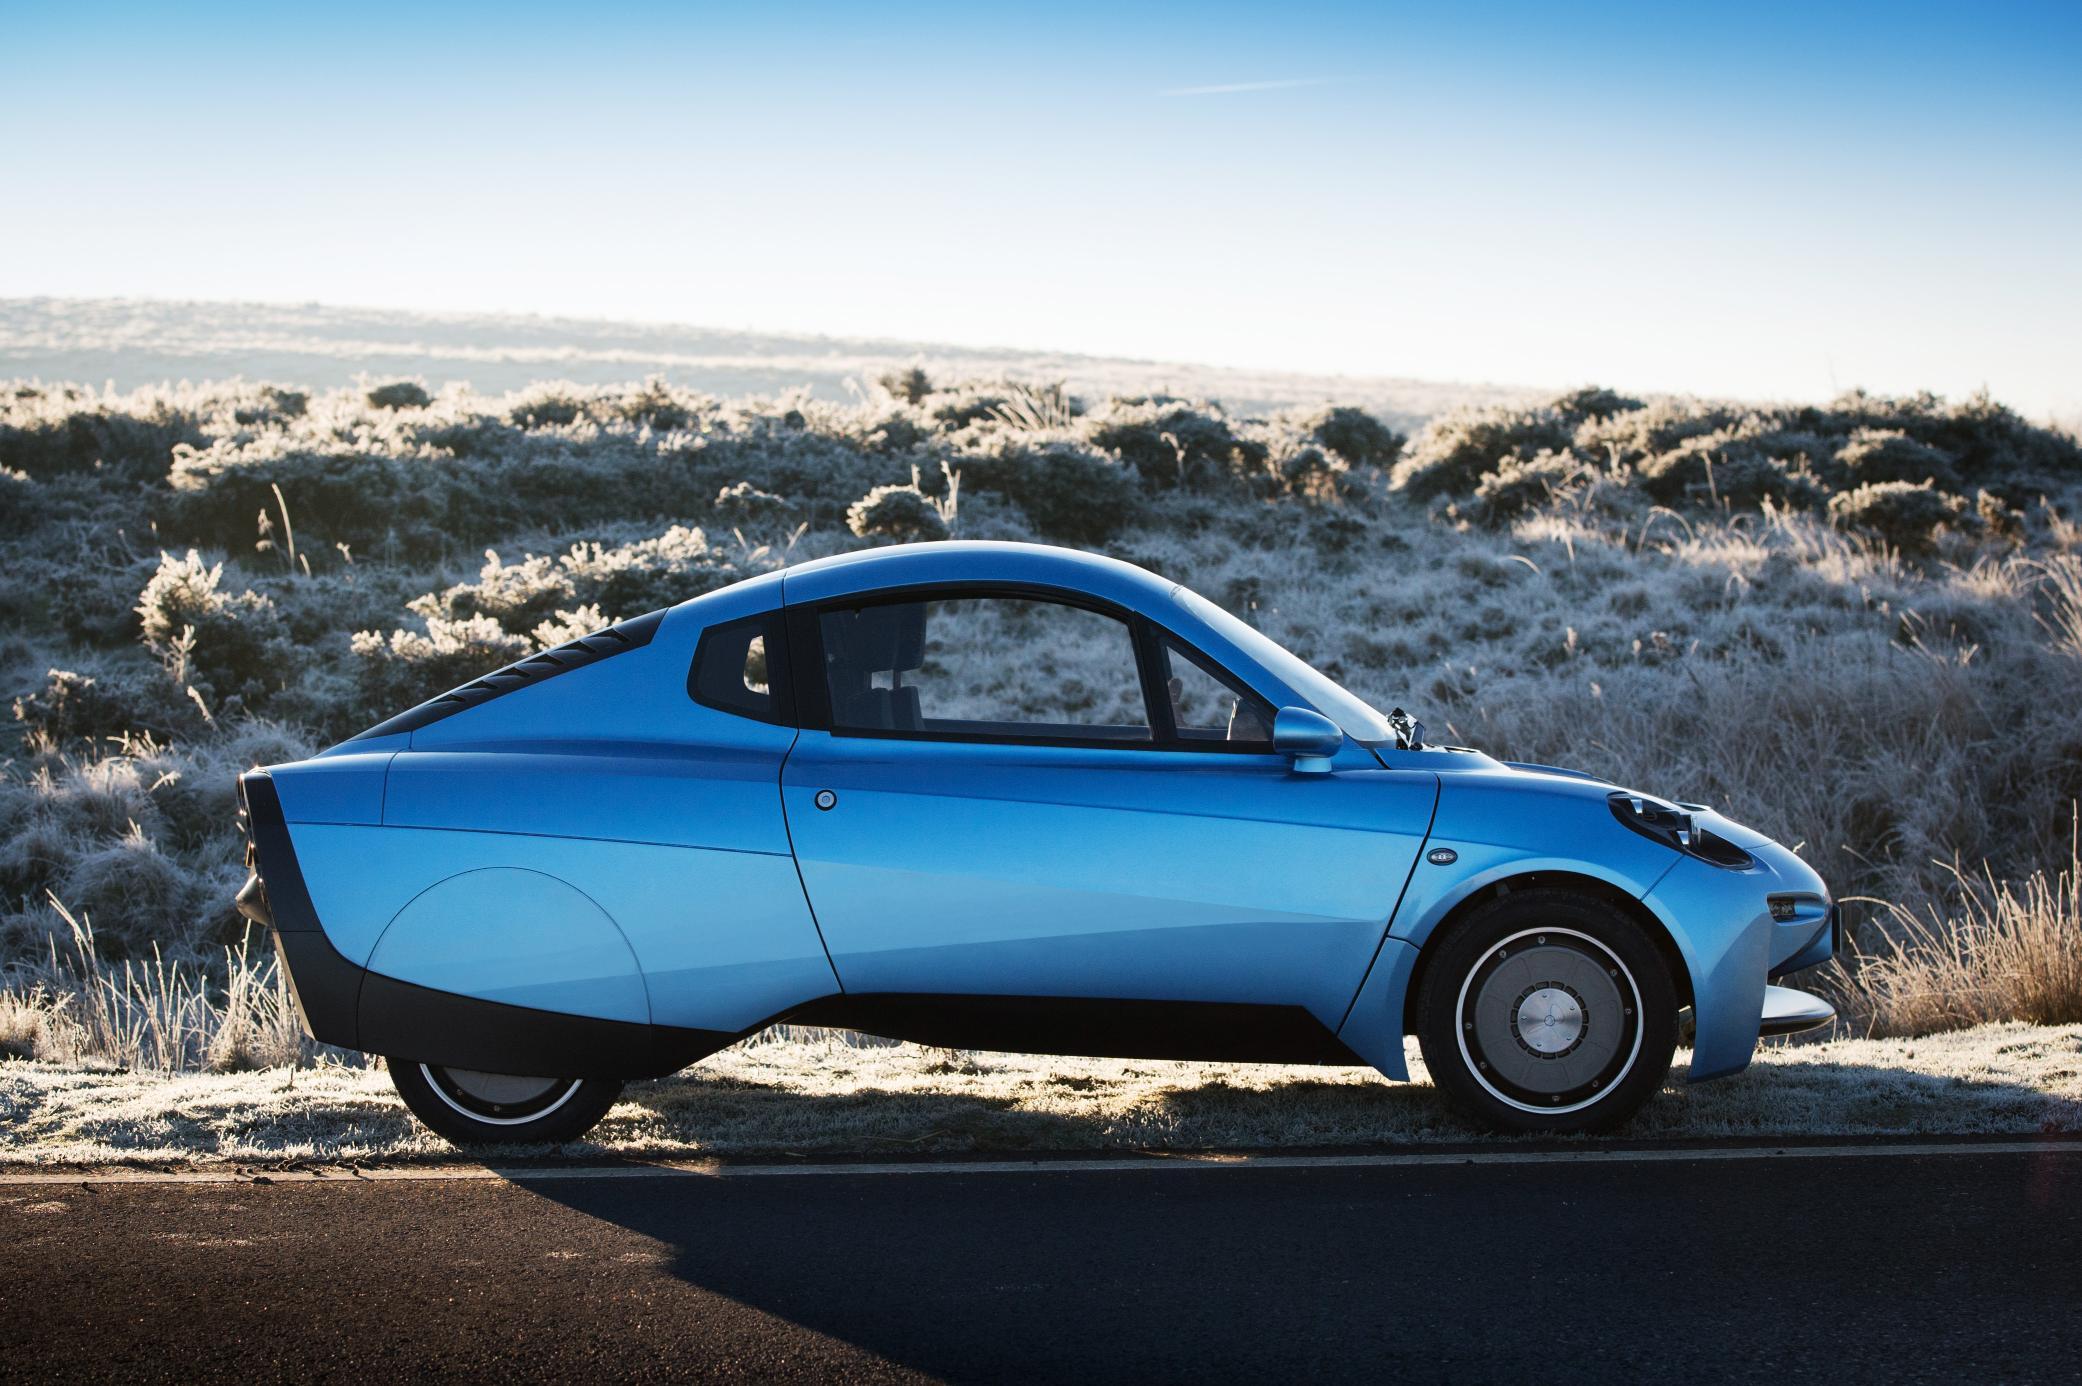 Nemsokára felbukkanhatnak az utakon a hidrogénes autók